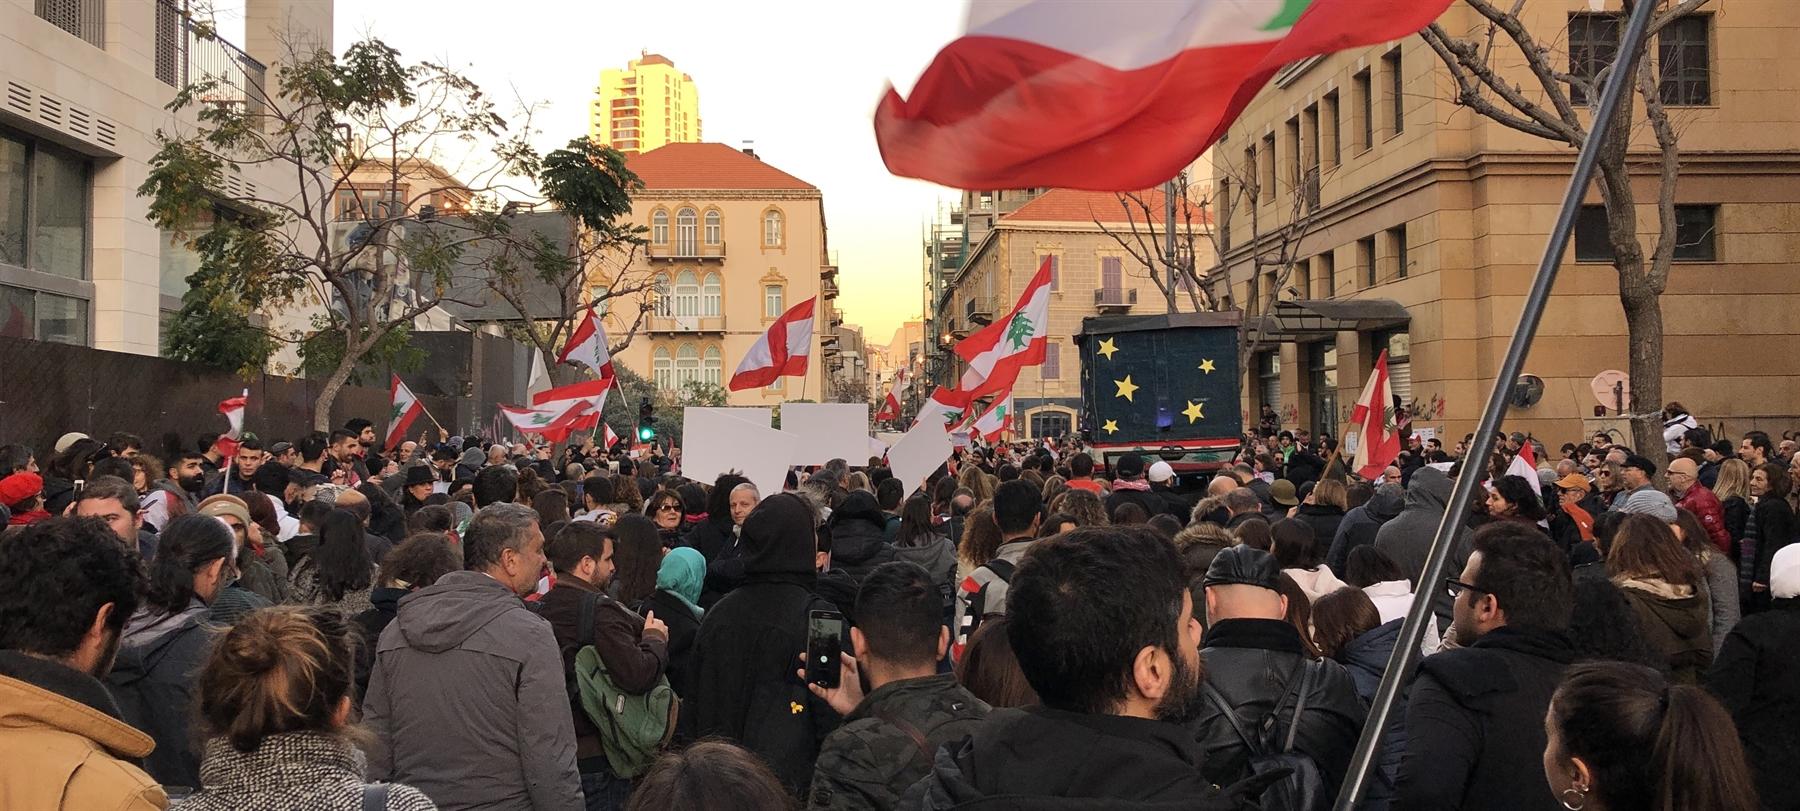 المناصرة والتعبئة منذ العام 2011: لبنان